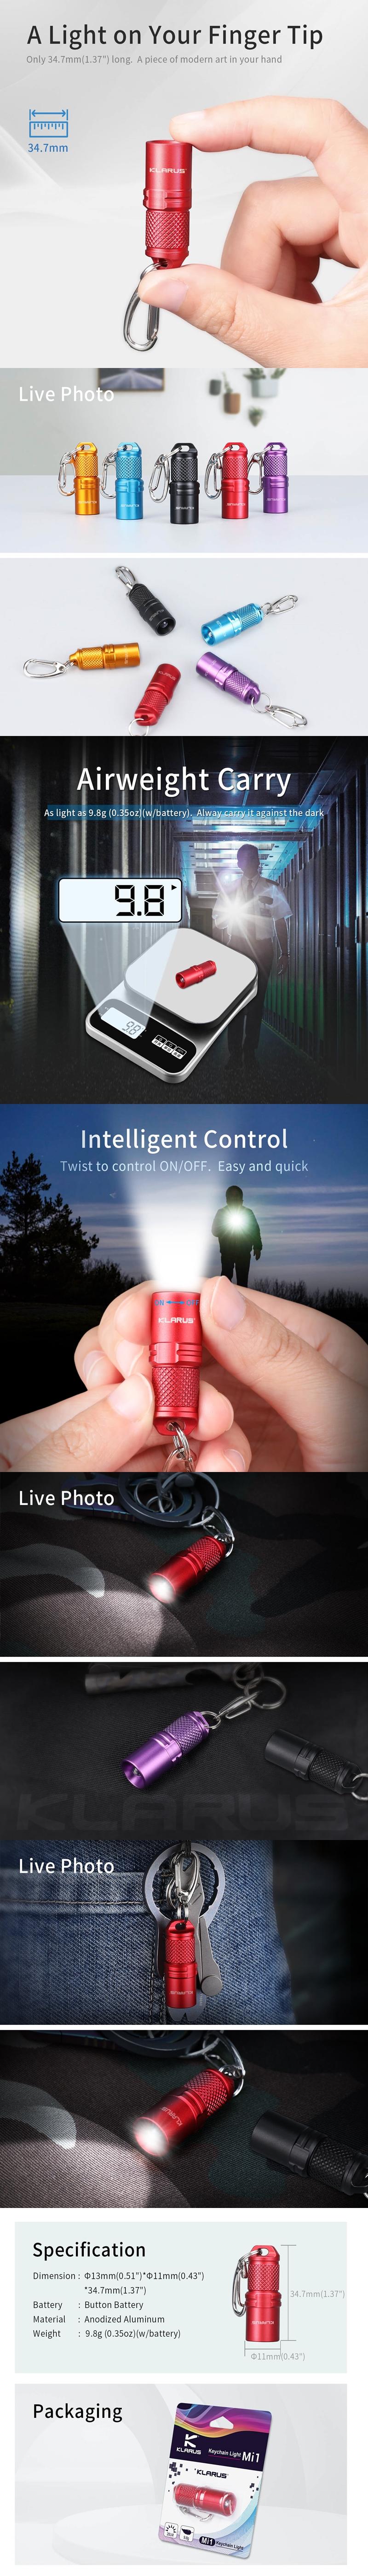 【錸特光電】KLARUS Mi1 鑰匙燈 LED燈 小巧 手電筒 鑰匙圈 送禮 交換禮物 包包小燈 (1)-vert